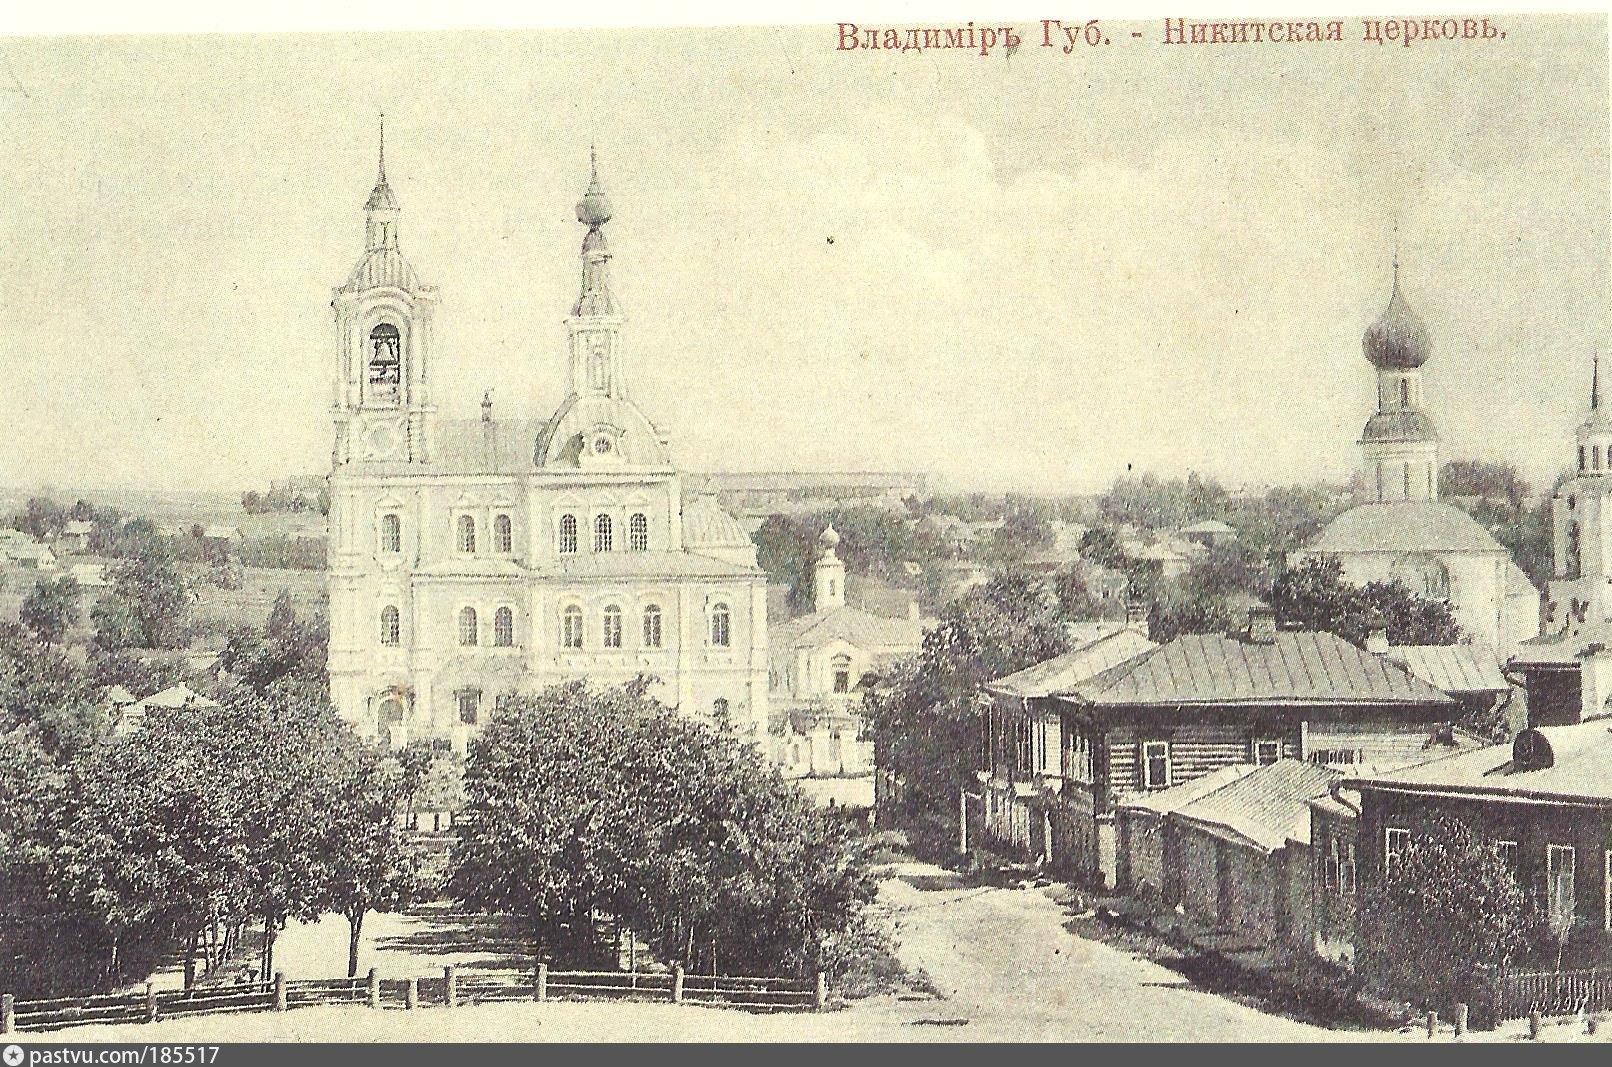 Праздником, владимир в старой открытке кинотеатр ампир николо-златовратская церковь